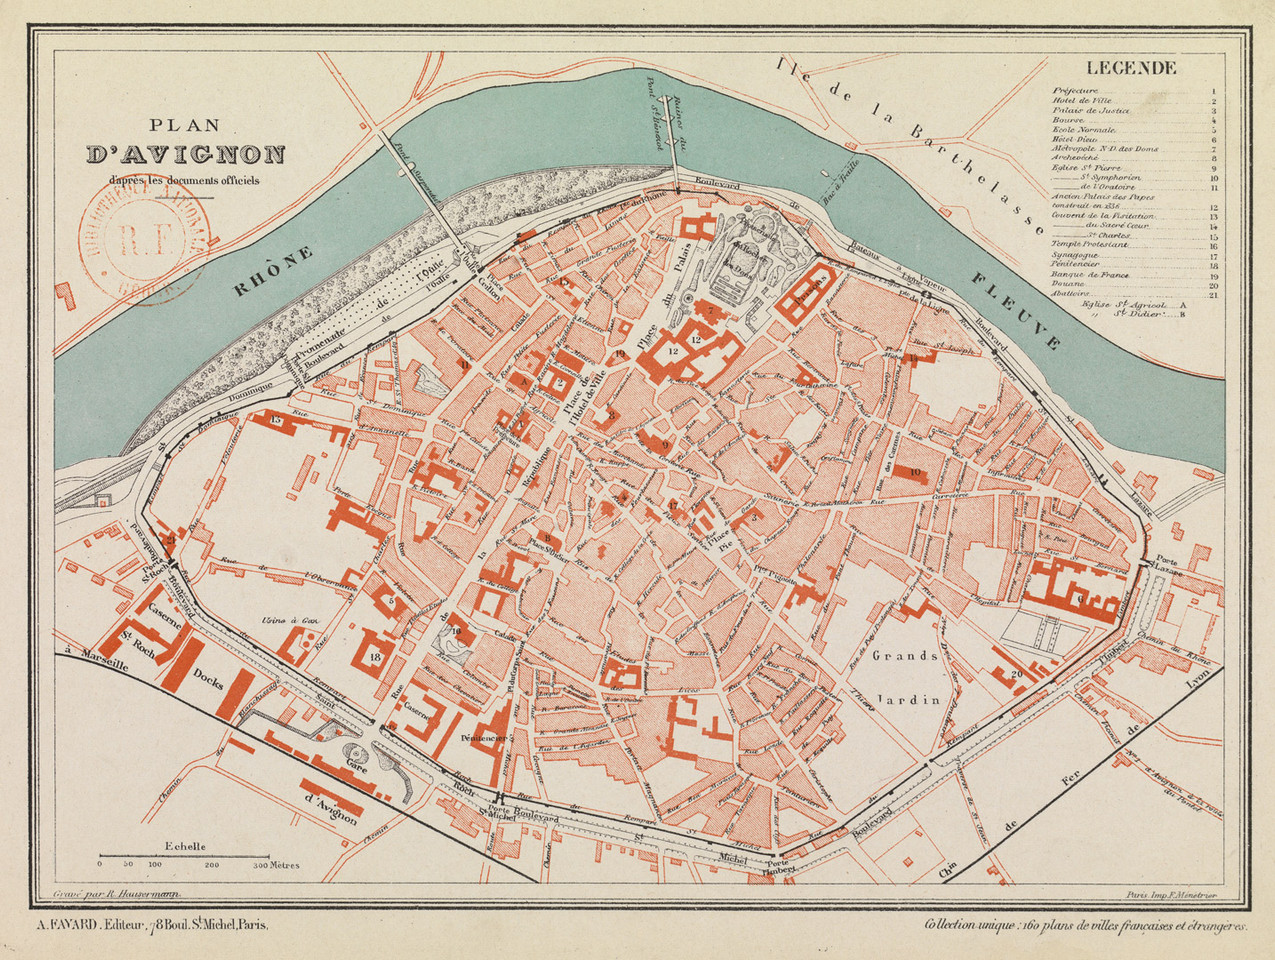 1875 – Avignon atlas de la France illustrée